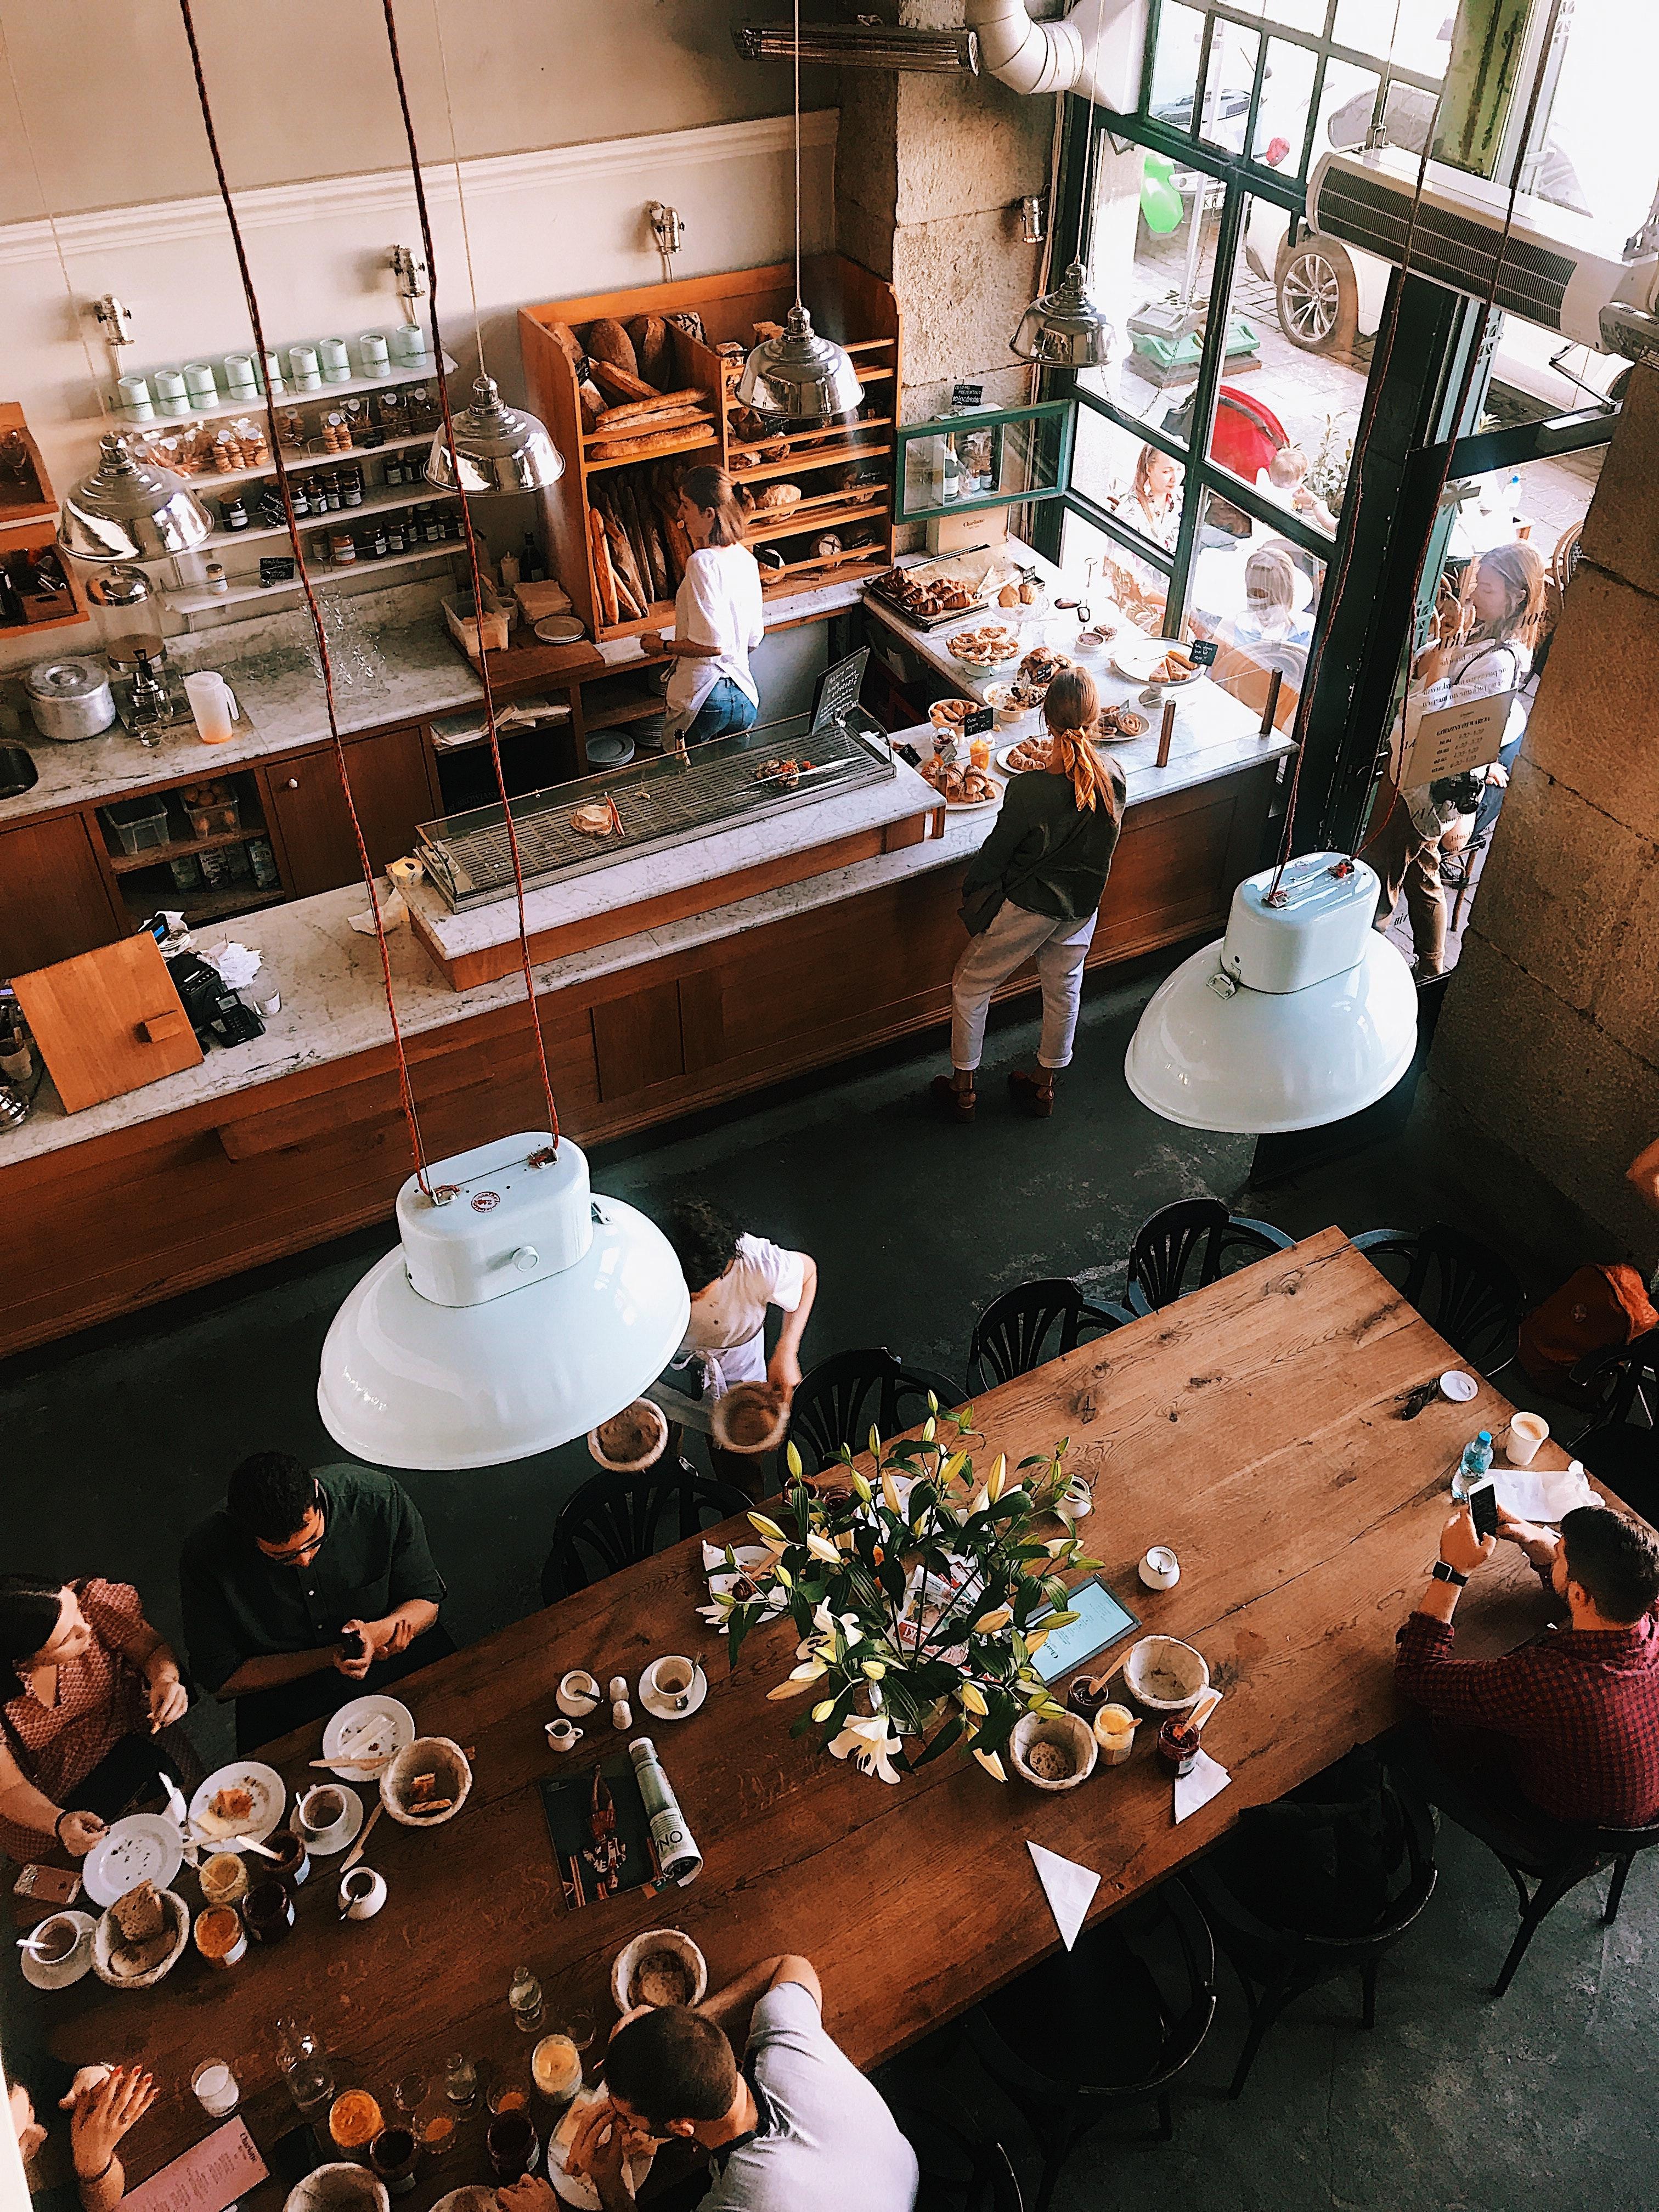 Can UV Light Make Restaurants Safer During COVID?